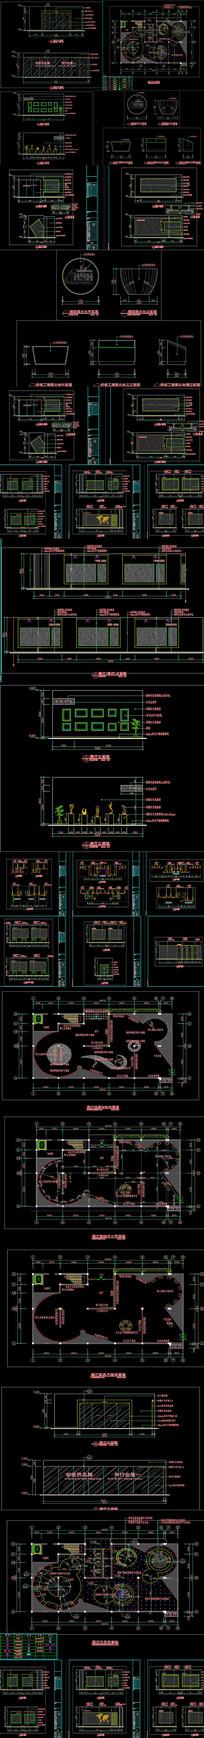 全套企业形象展厅CAD施工图